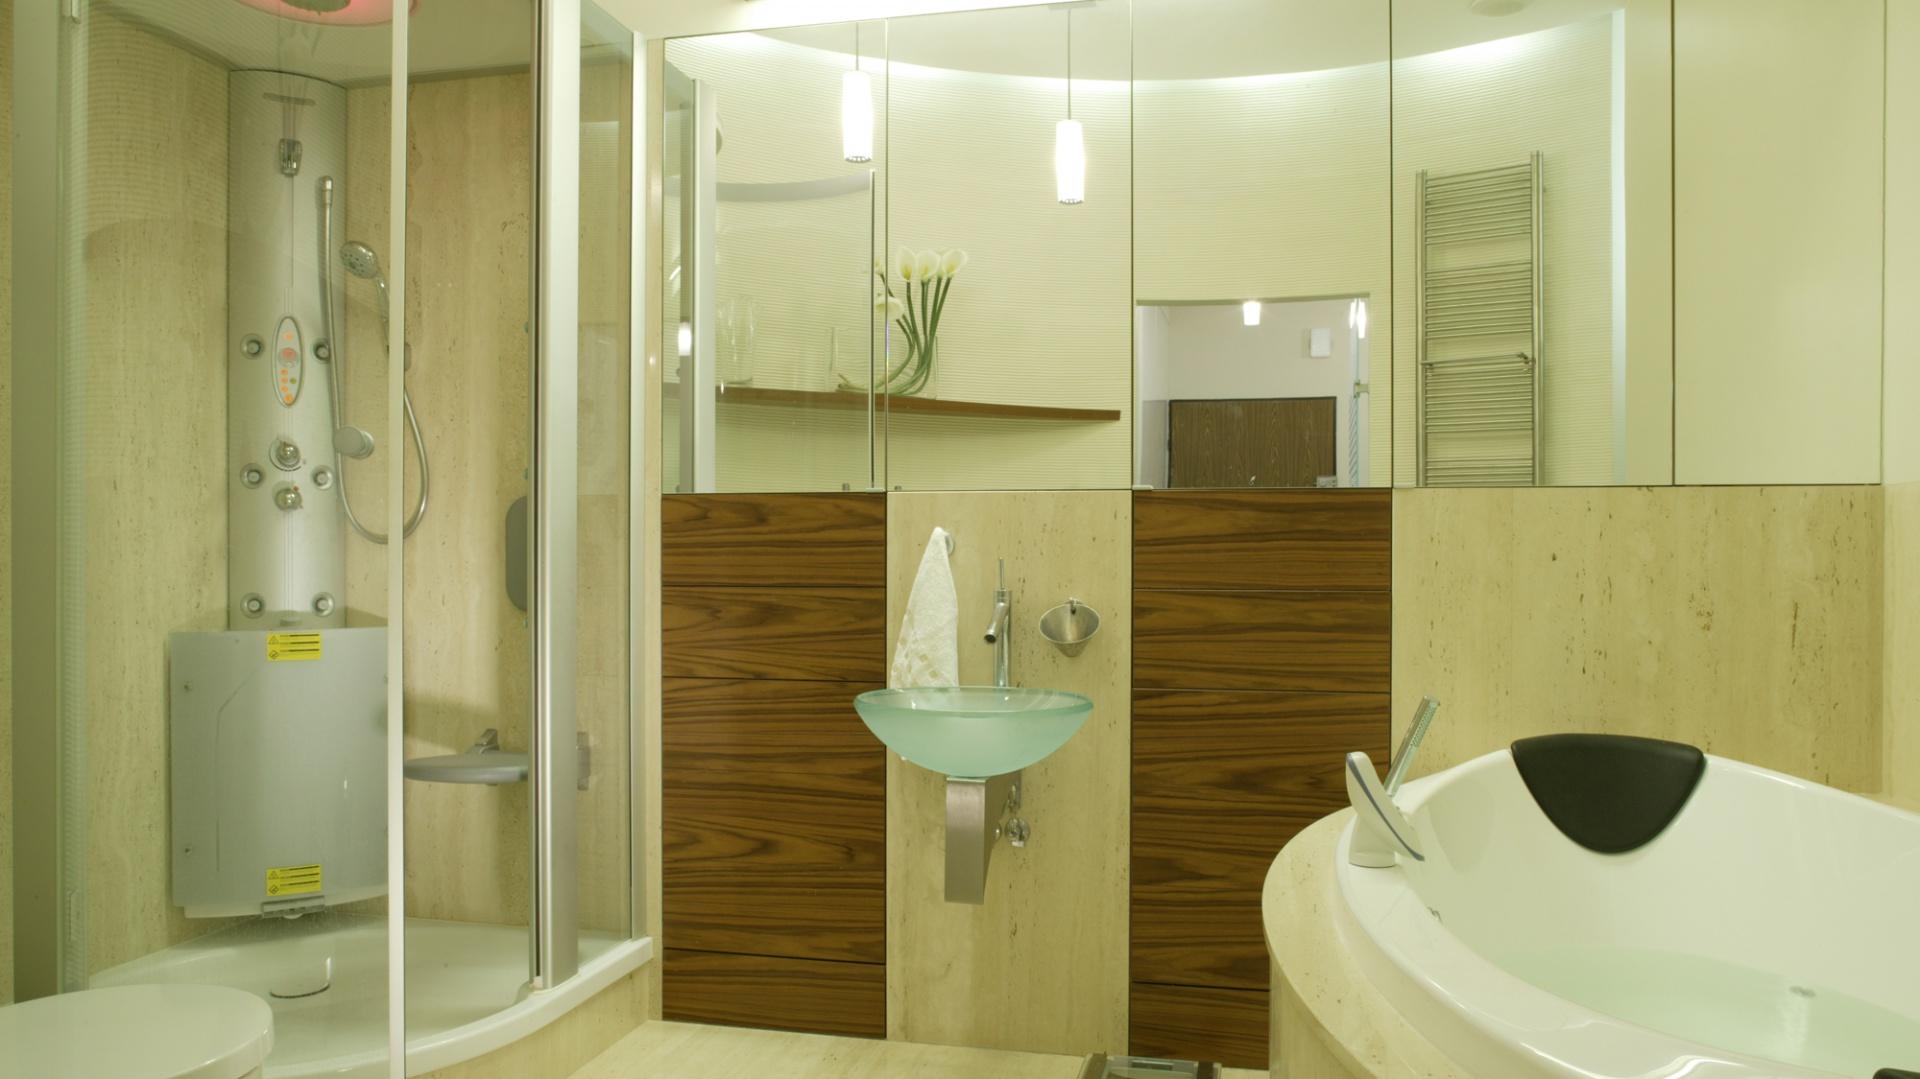 Ta łazienka ma zaspokajać wszystkie potrzeby. Dlatego nie zbrakło tu wielofunkcyjnej kabiny z hydromasażem i łaźnią parową oraz wygodnej wanny z zagłówkami. Fot. Monika Filipiuk.